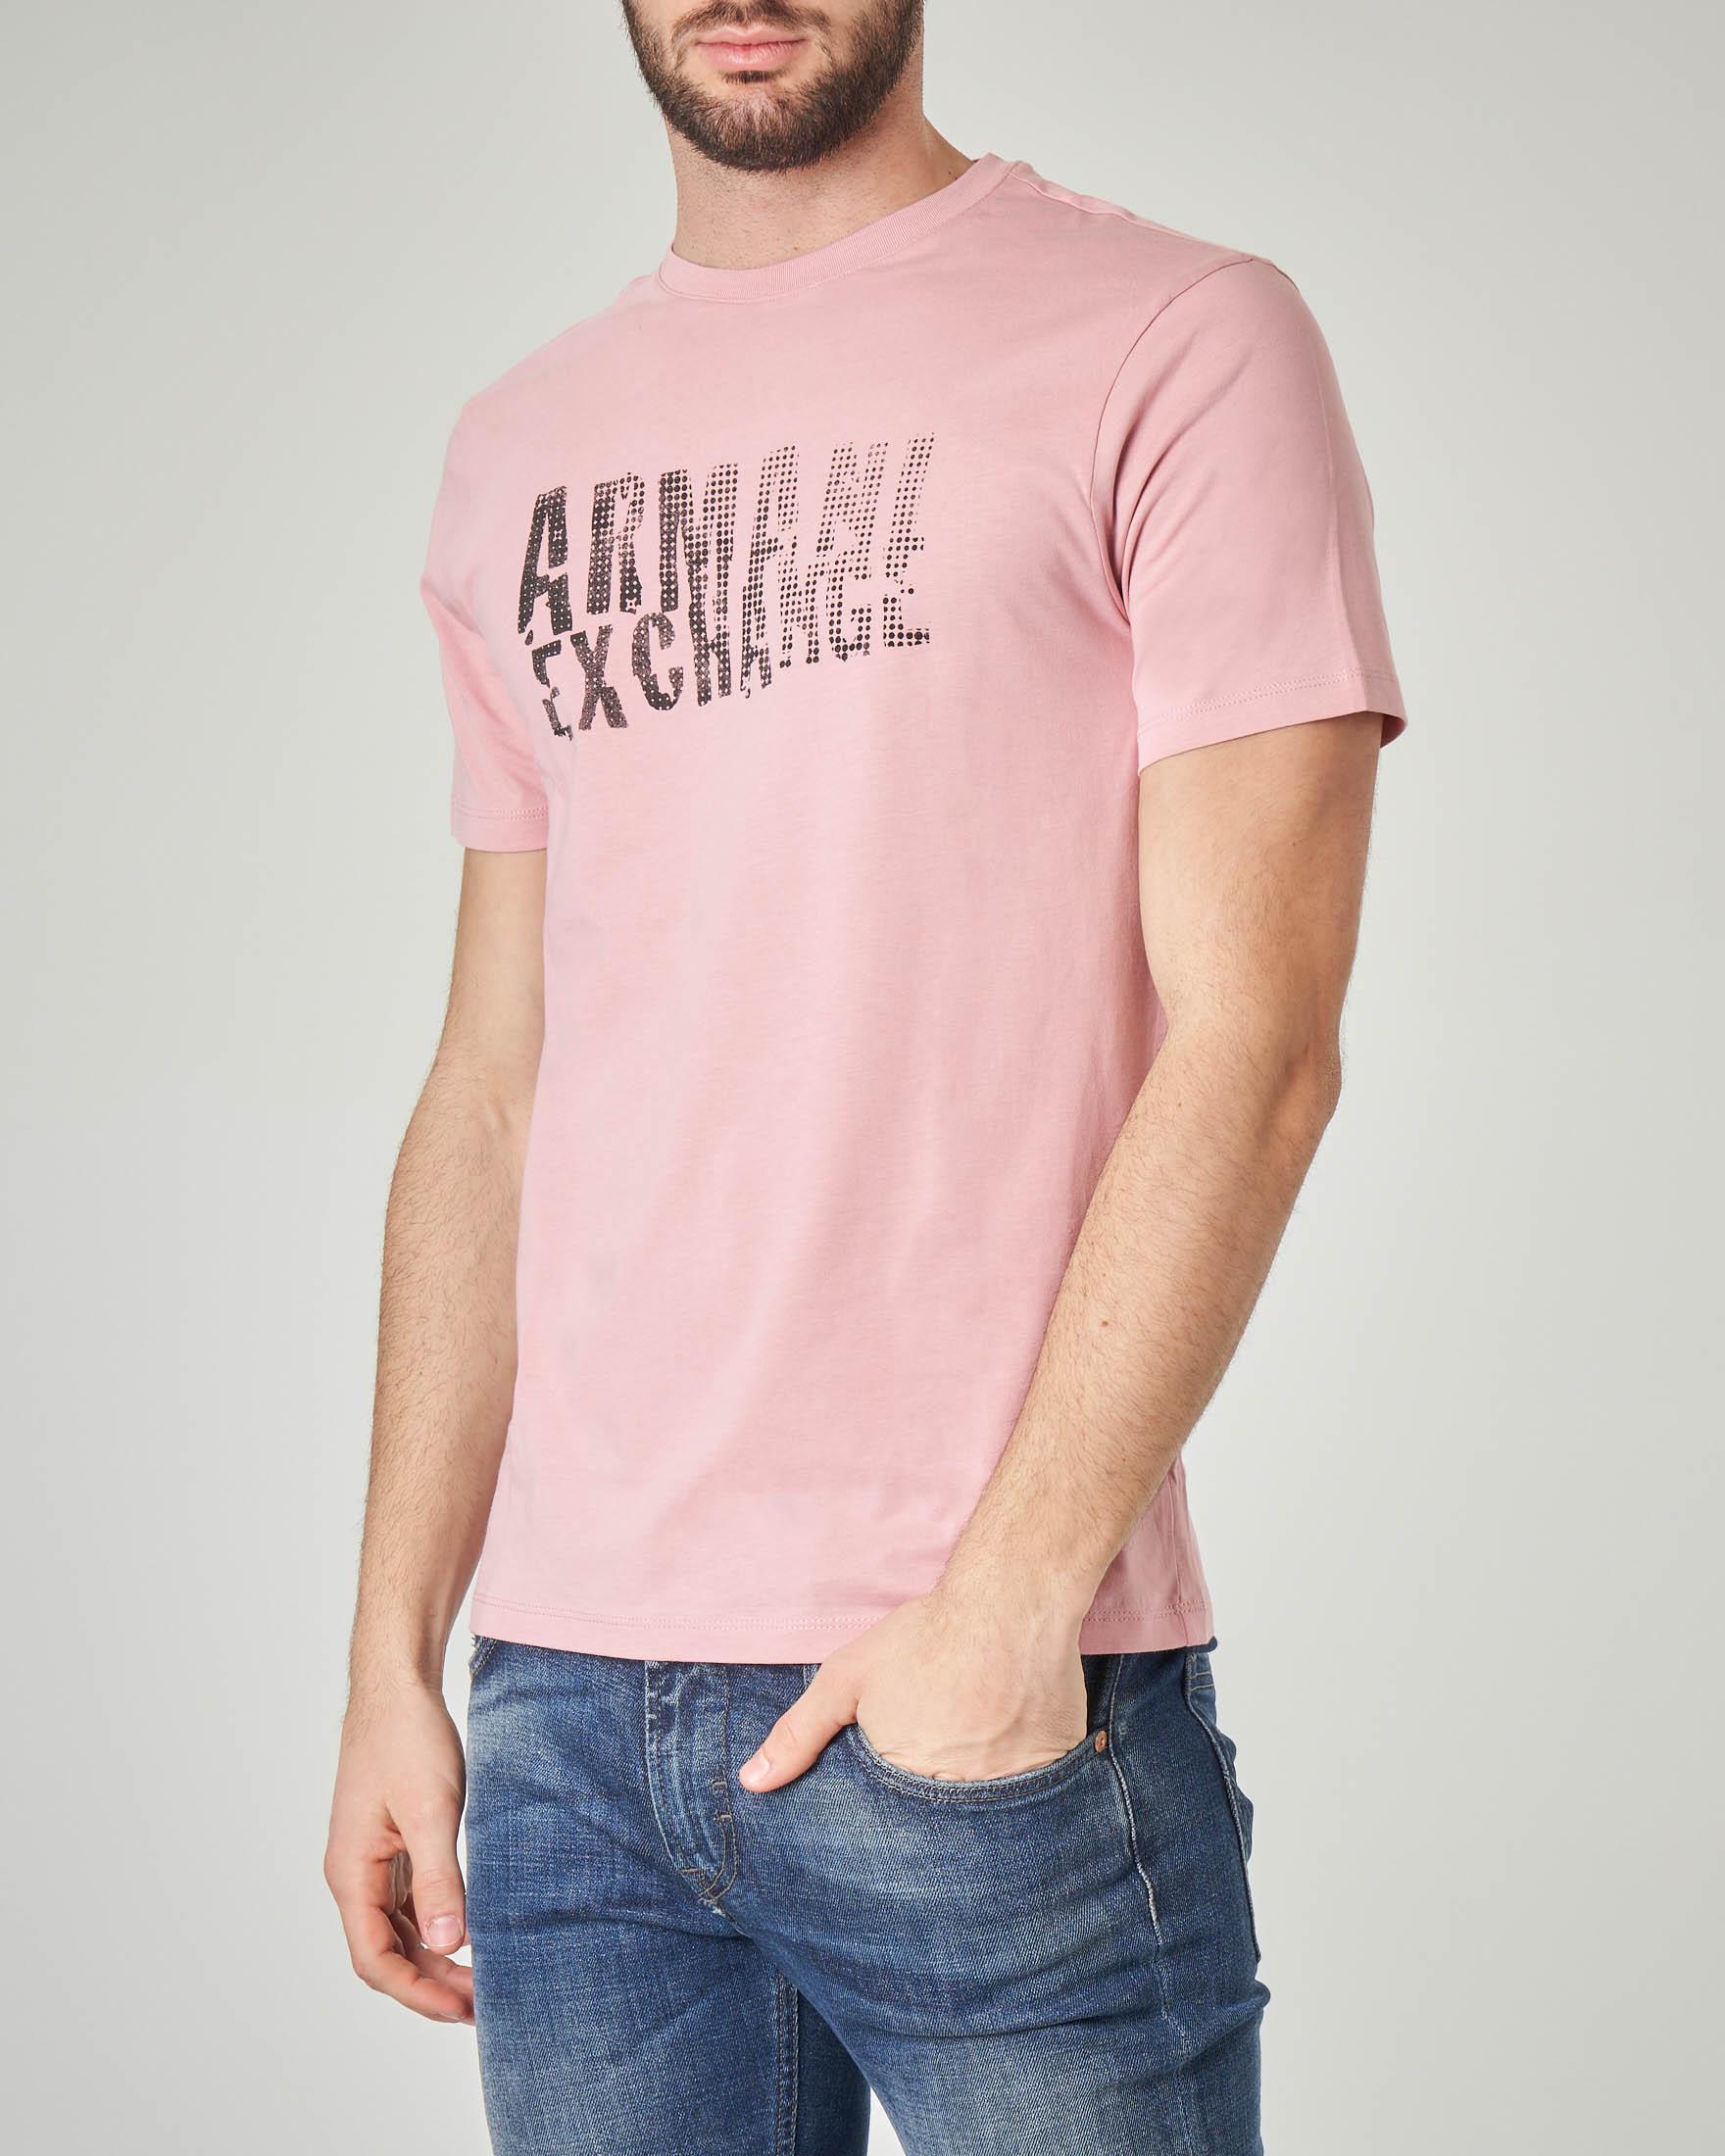 T-shirt rosa con logo sul fronte e sul retro